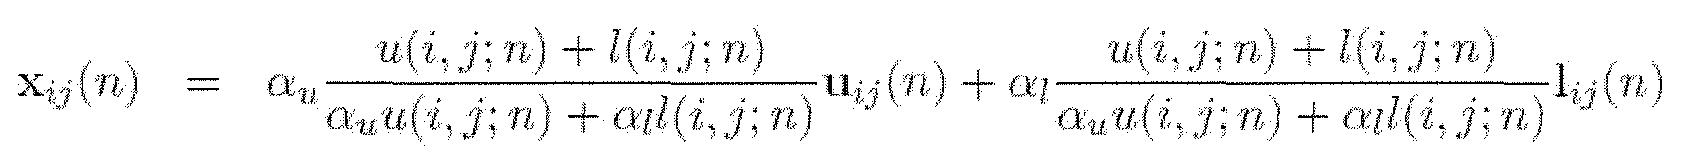 Figure imgf000036_0006